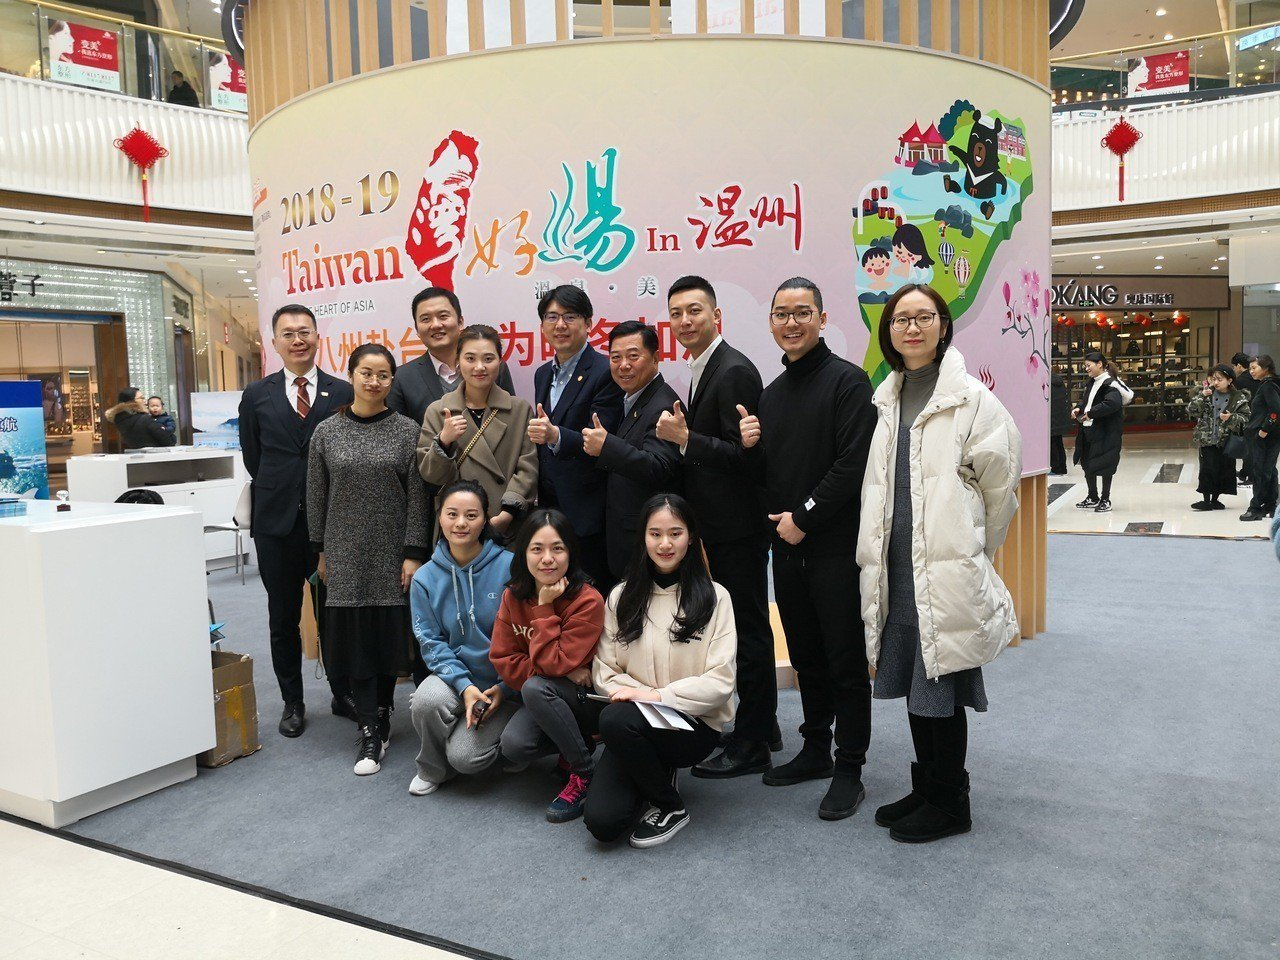 台旅會在臘八節當天於溫州舉行「2018-19台灣好湯—溫泉美食嘉年華」活動。圖/...